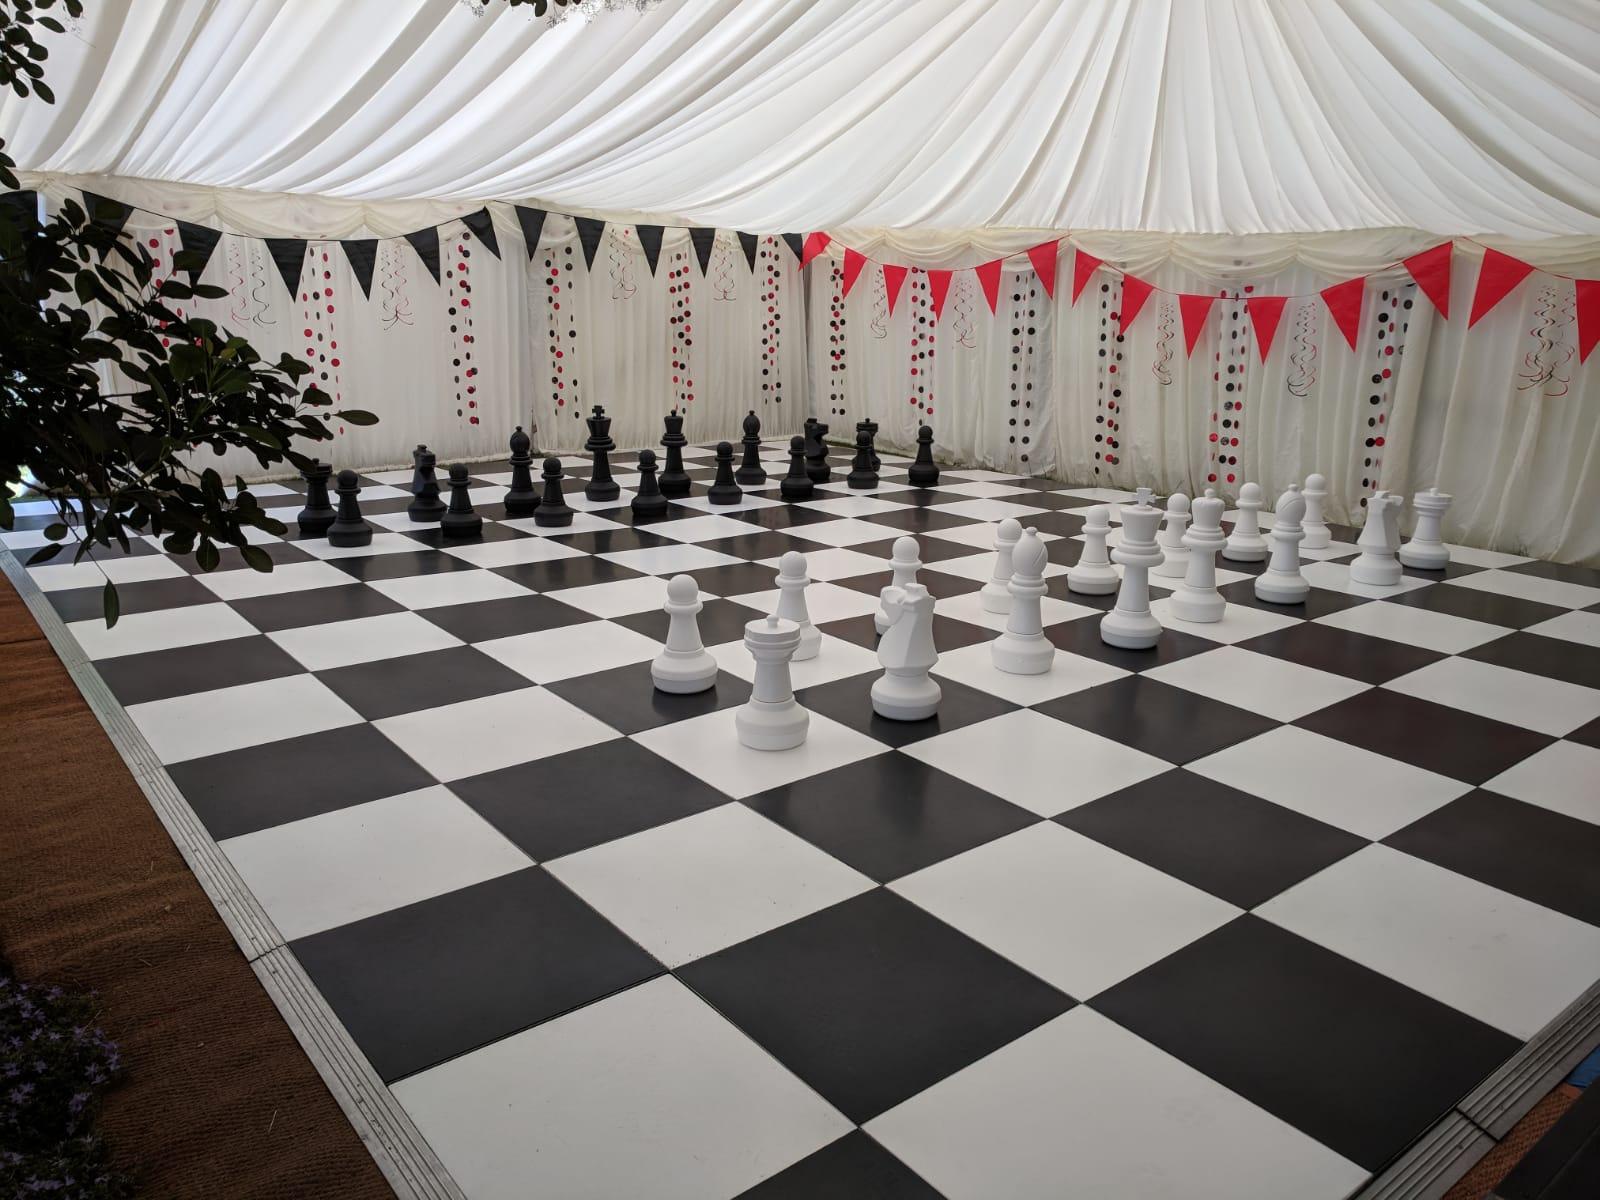 chessboard dancefloor for marquee